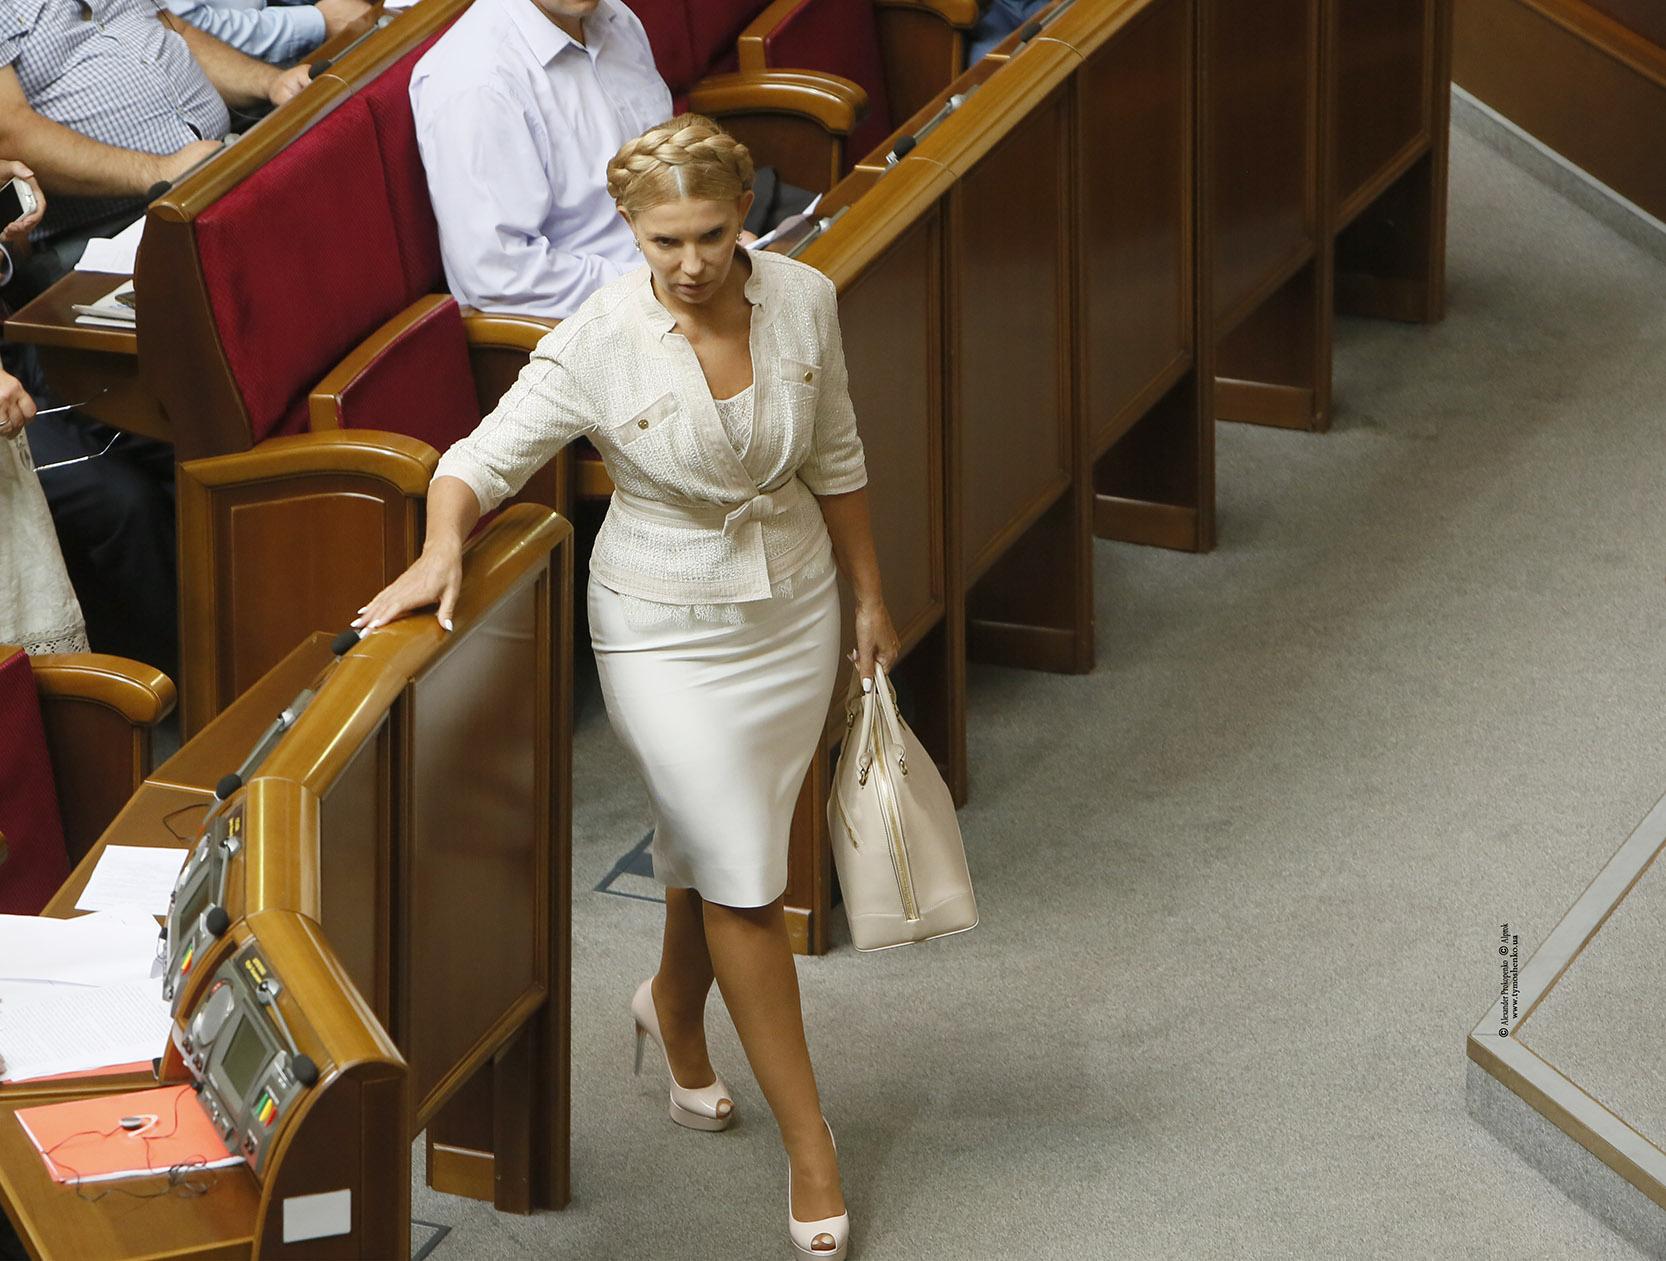 Фото саакашвили и тимошенко 24 фотография